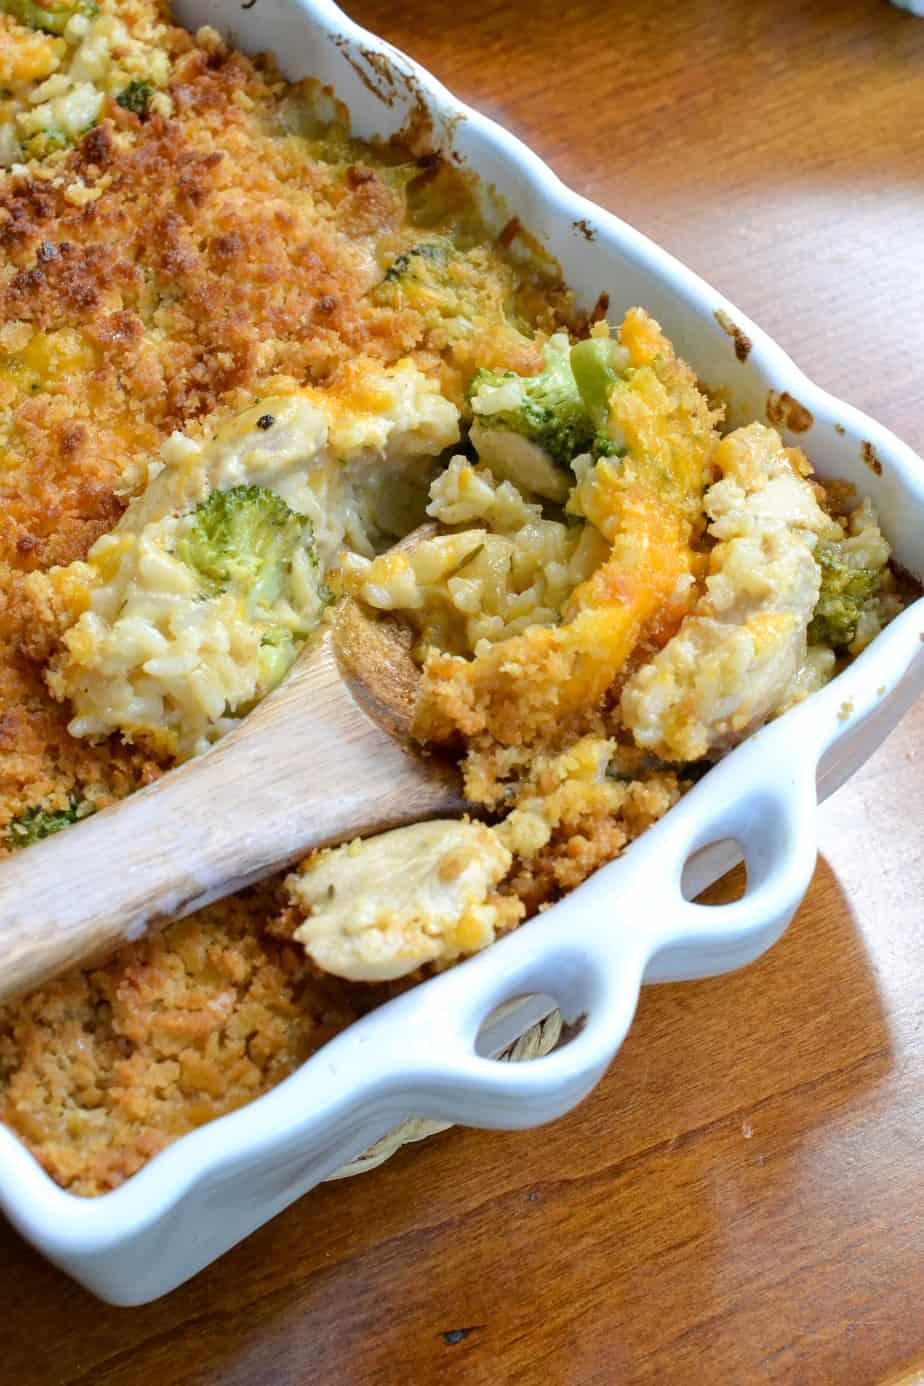 A spoon full of cheesy chicken broccoli rice casserole.